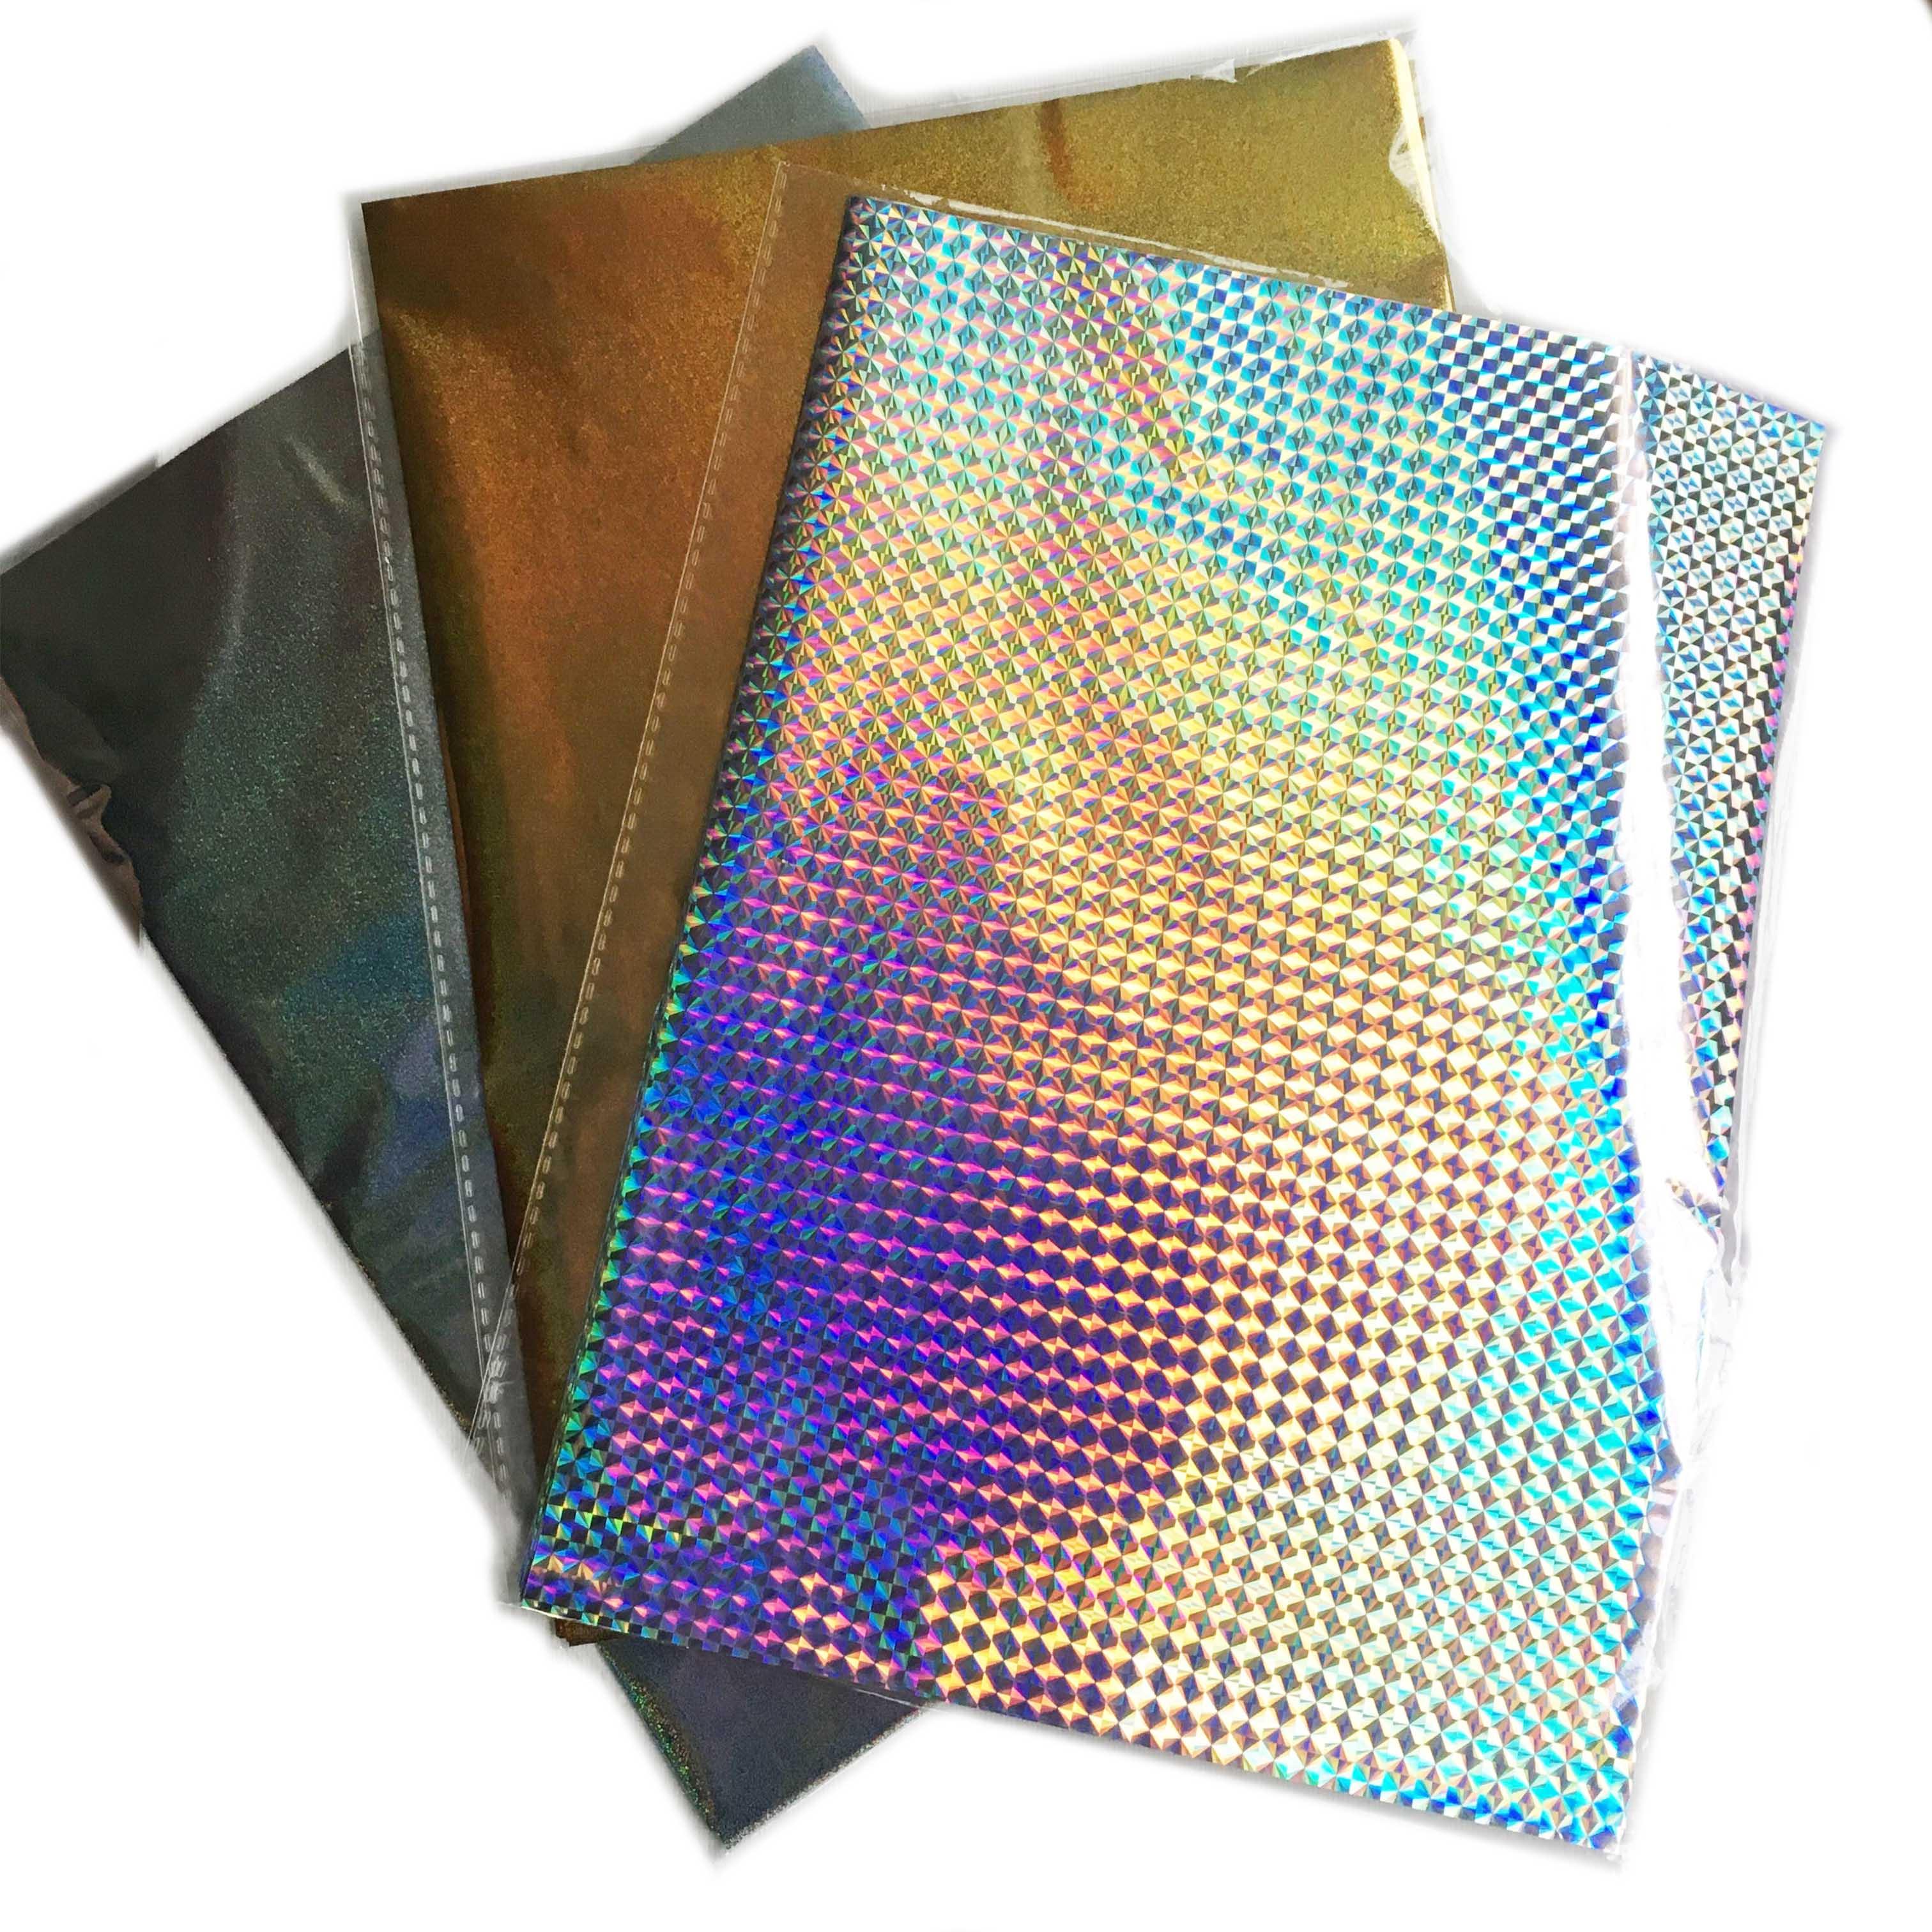 50 Uds. Nuevo 18 colores papel de impresión caliente papel laminado transferencia en Elegance láser impresora artesanal papel térmico 20x29cm A4